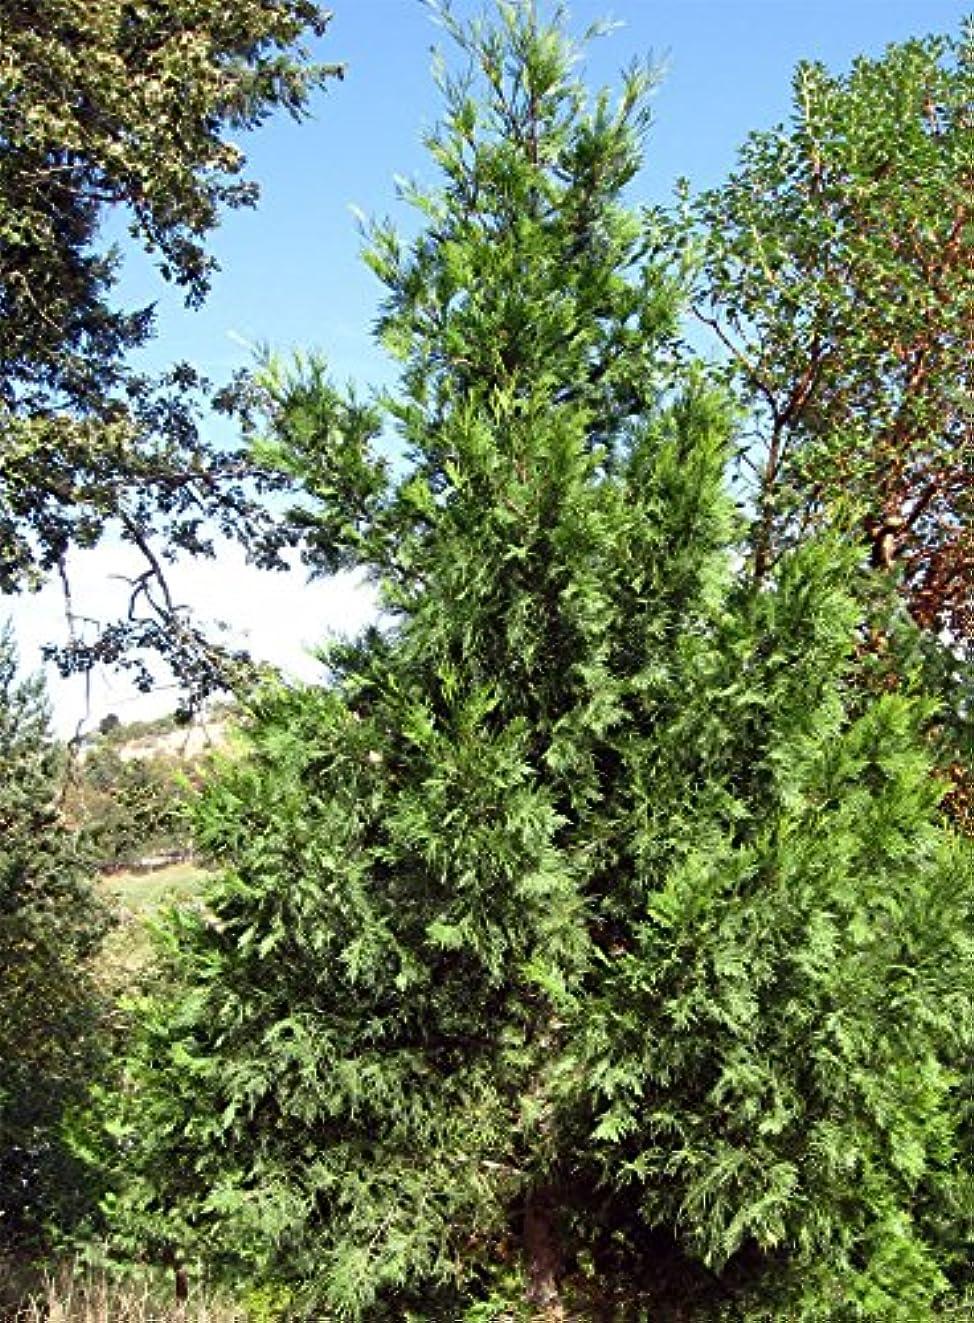 直接不純伝統Calocedrusはdecurrens - 香 - 杉を。 Calocedrusは、常に健康的に見えますdecurrens。あなたは今までにトラブル成長の種を持っている場合、これは試してみる種です。これは、ヒノキ種子の...